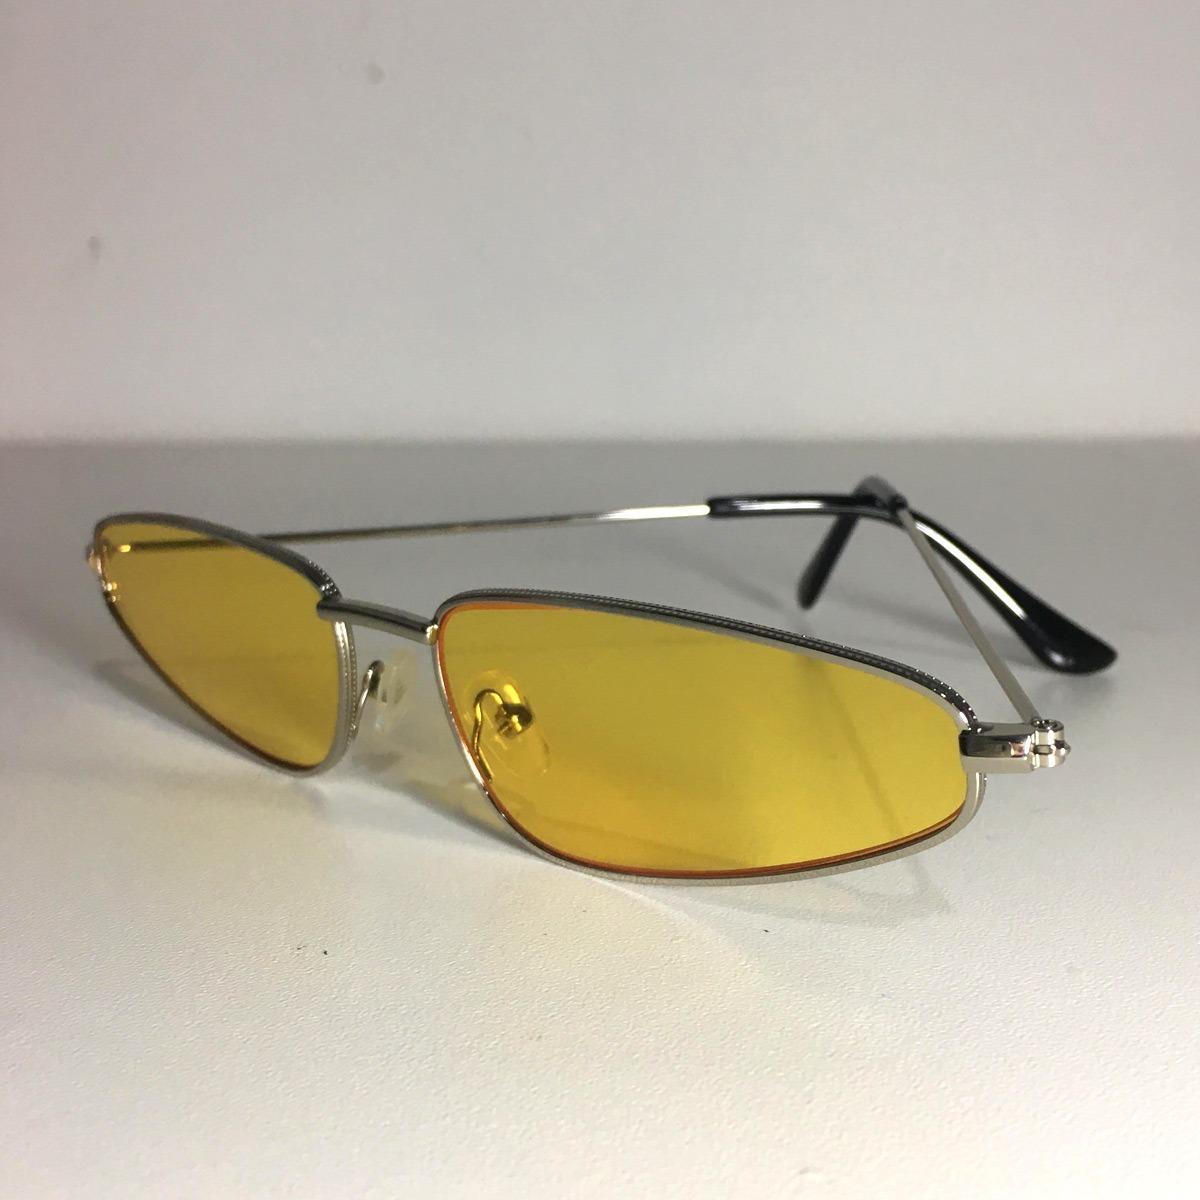 fd53329831540 Óculos Oval De Sol Style Retro Amarelo Estiloso - R  69,99 em ...